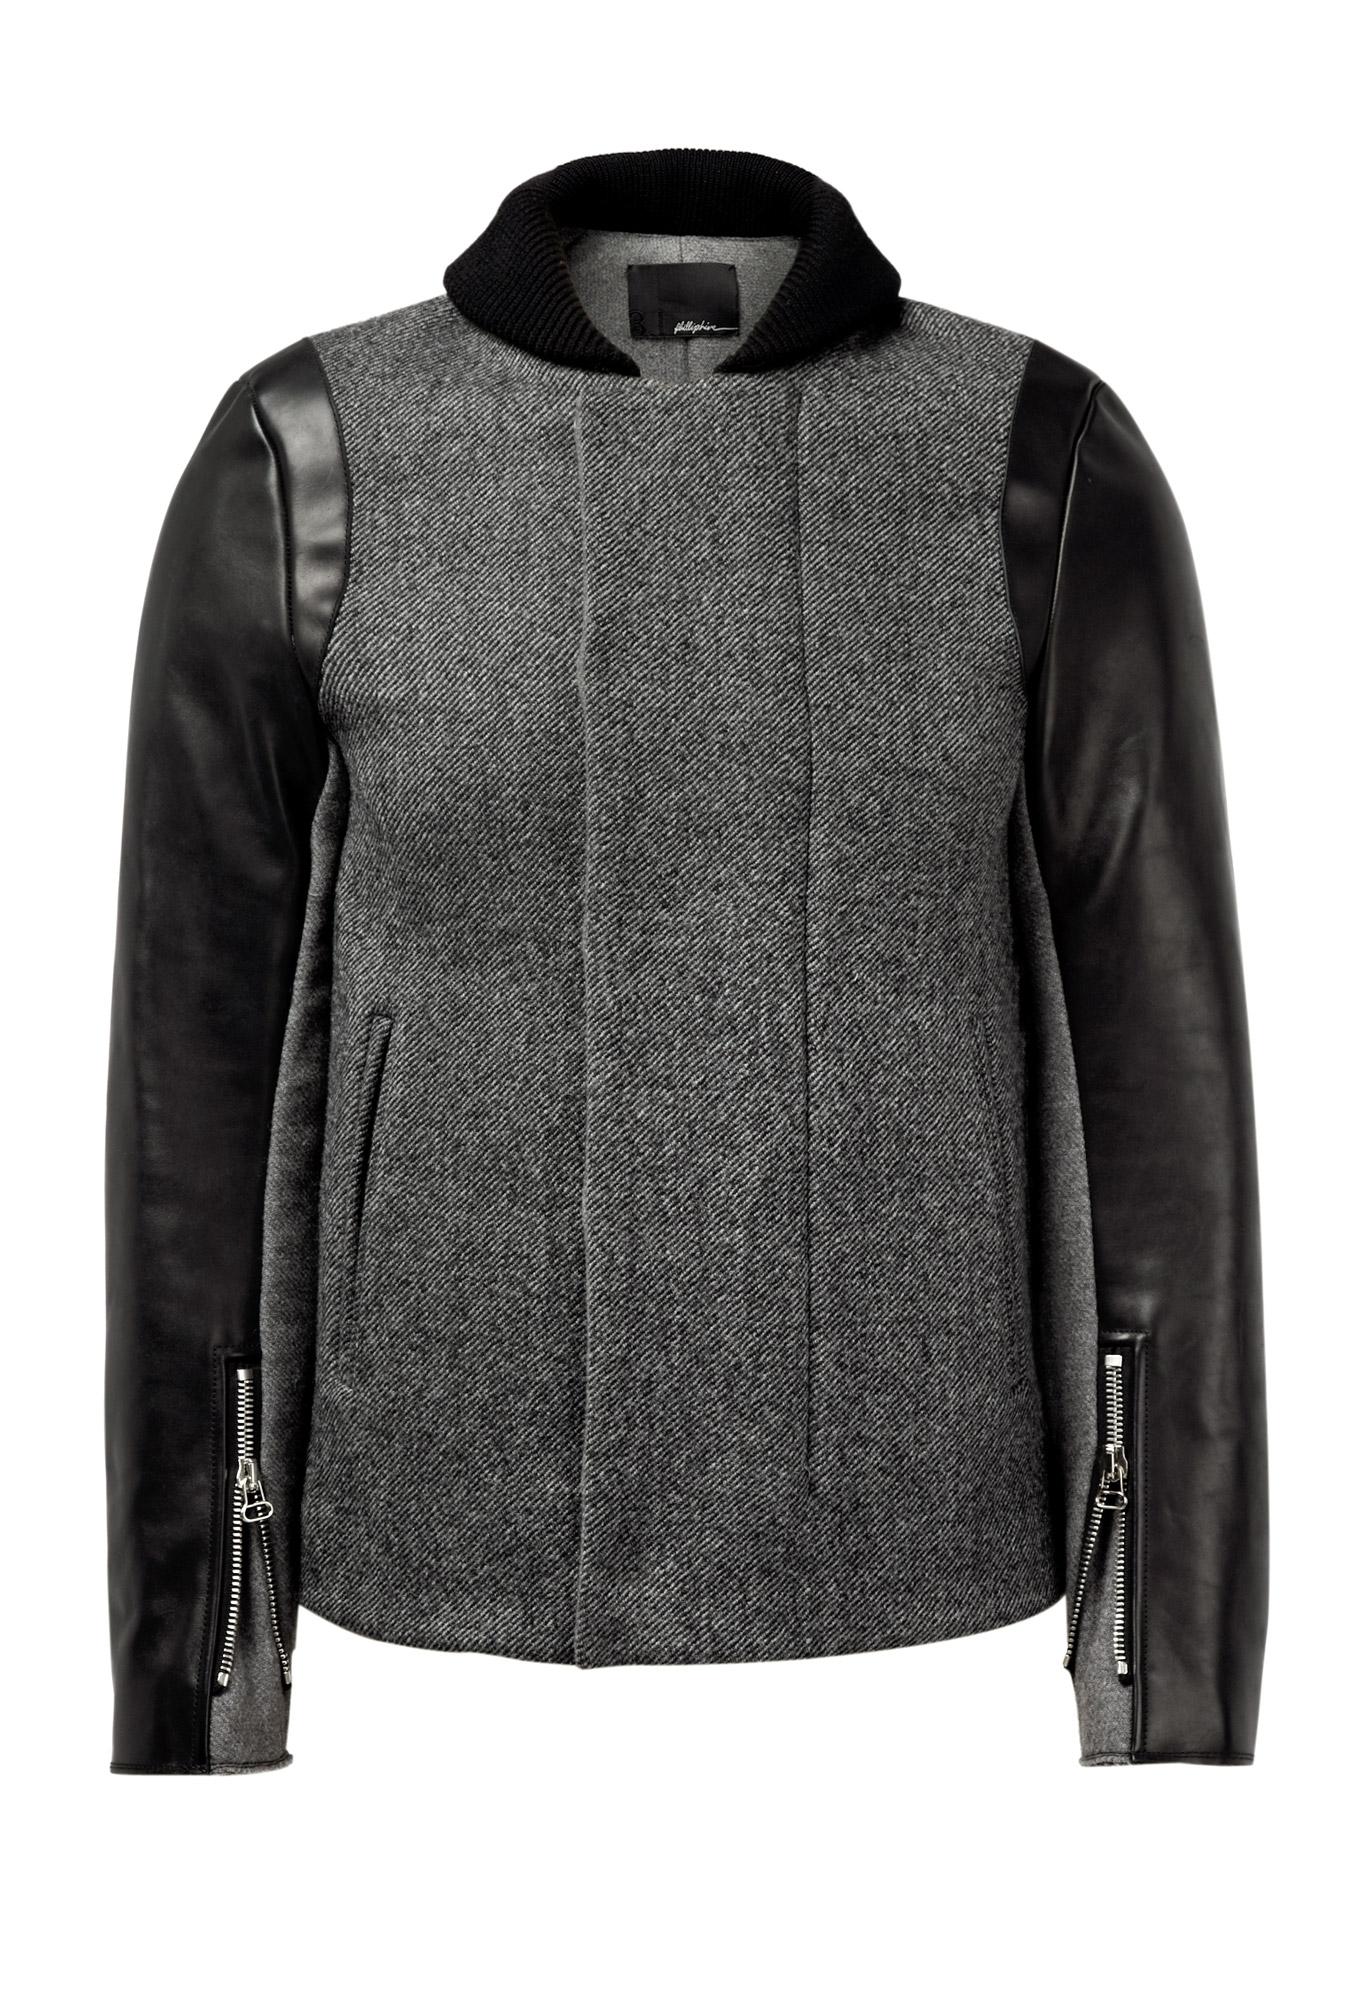 31 Phillip Lim Grey Tweed Leather Biker Sleeve m4_653356